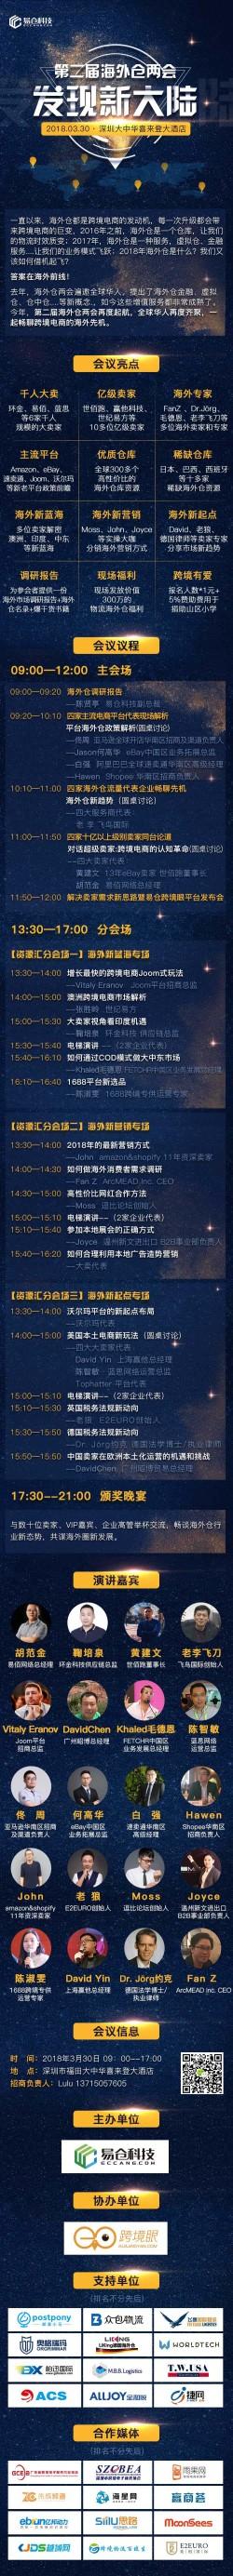 【2018.3.30-深圳】第二届海外仓两会——发现新大陆